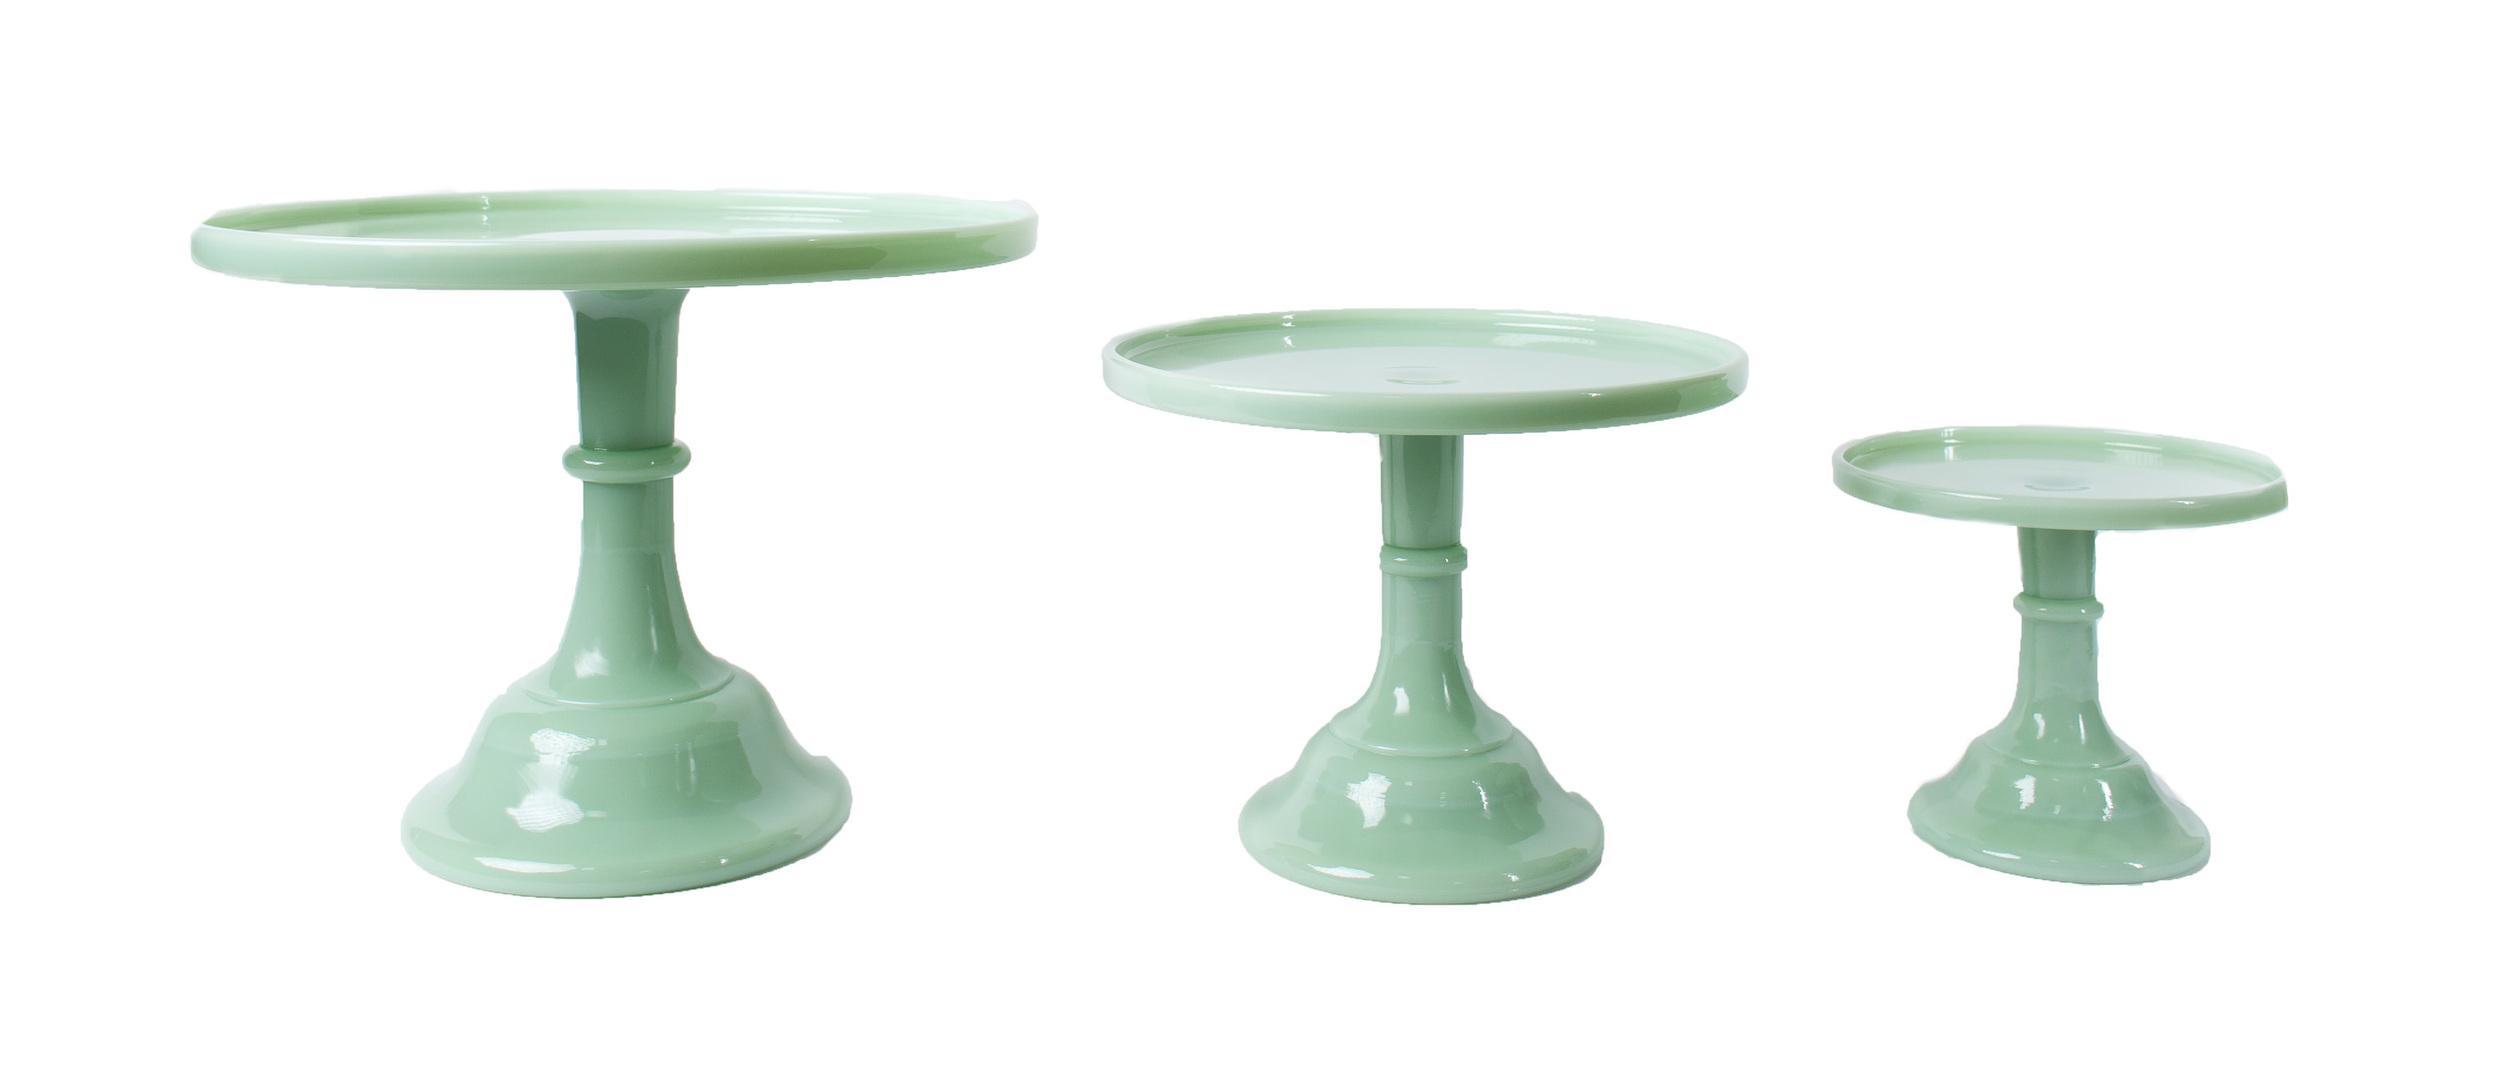 'Jade' Glass Cake Stands